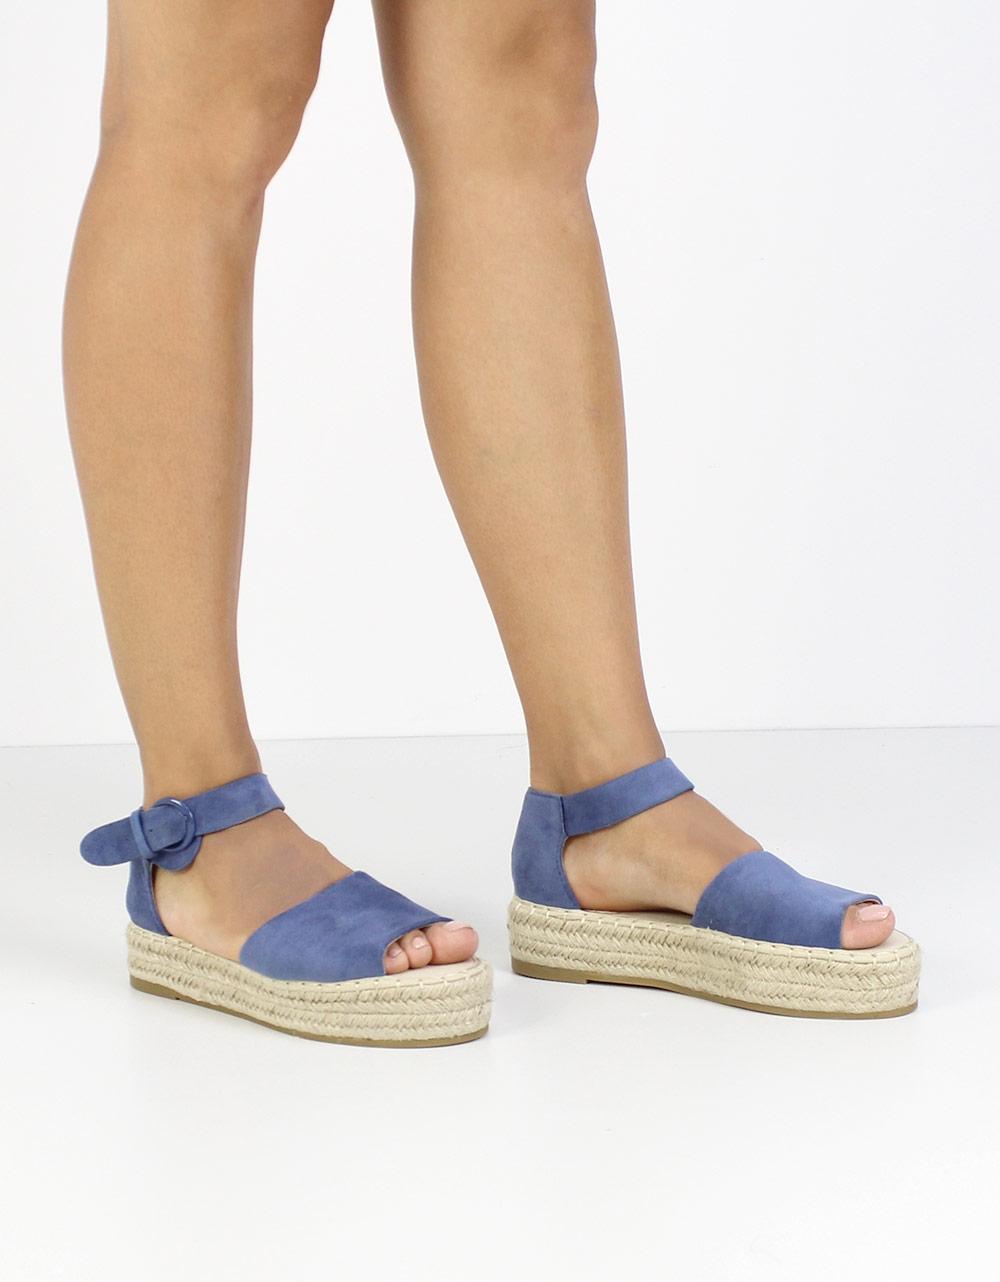 Εικόνα από Γυναικείες εσπαντρίγιες peep toe με μπαρέτα Μπλε